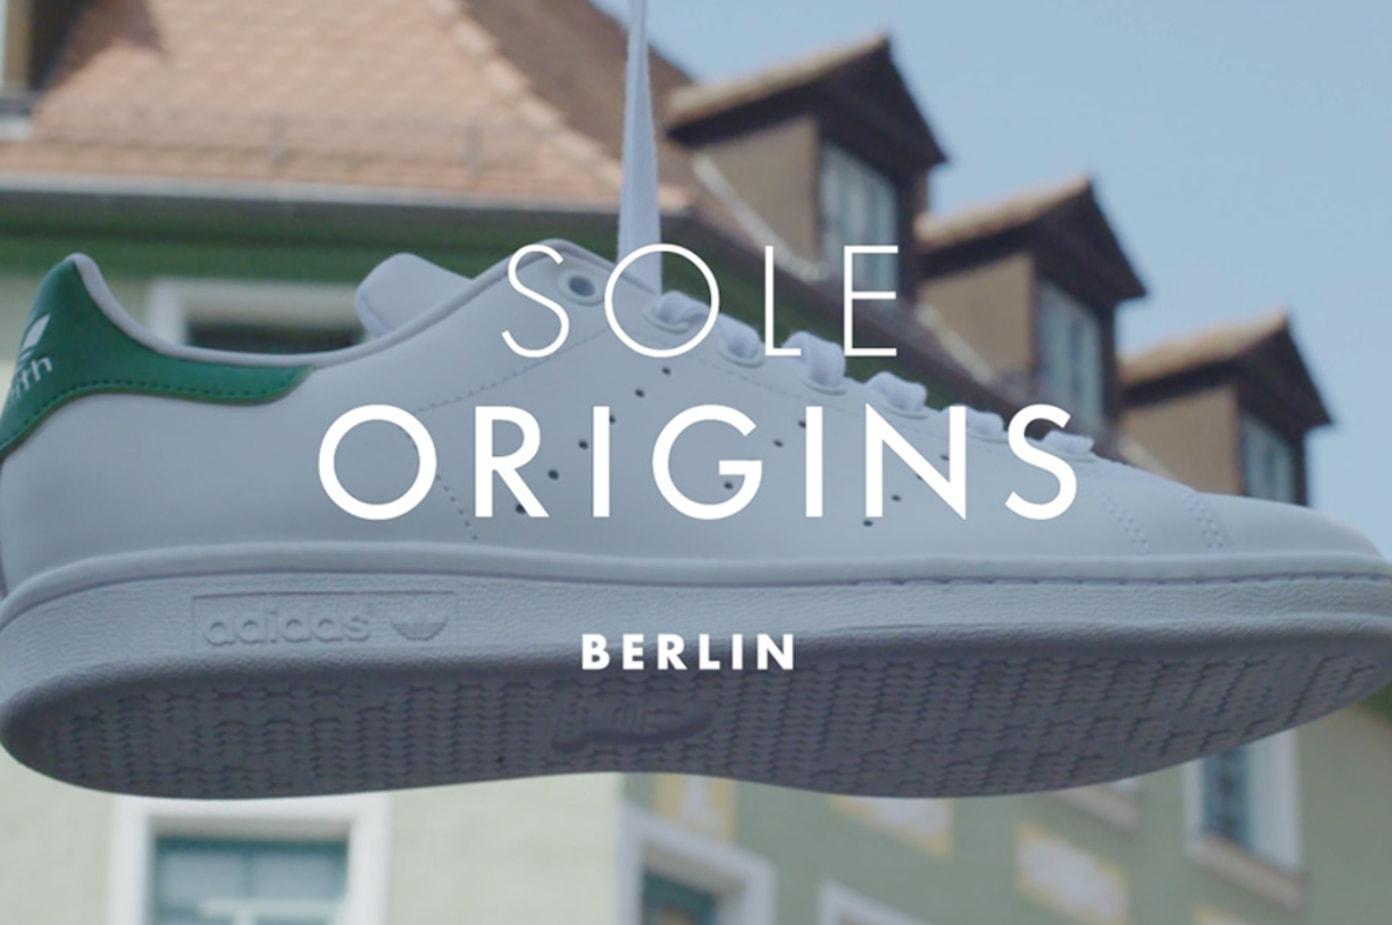 Sole Origins: Episode 6 (Berlin)